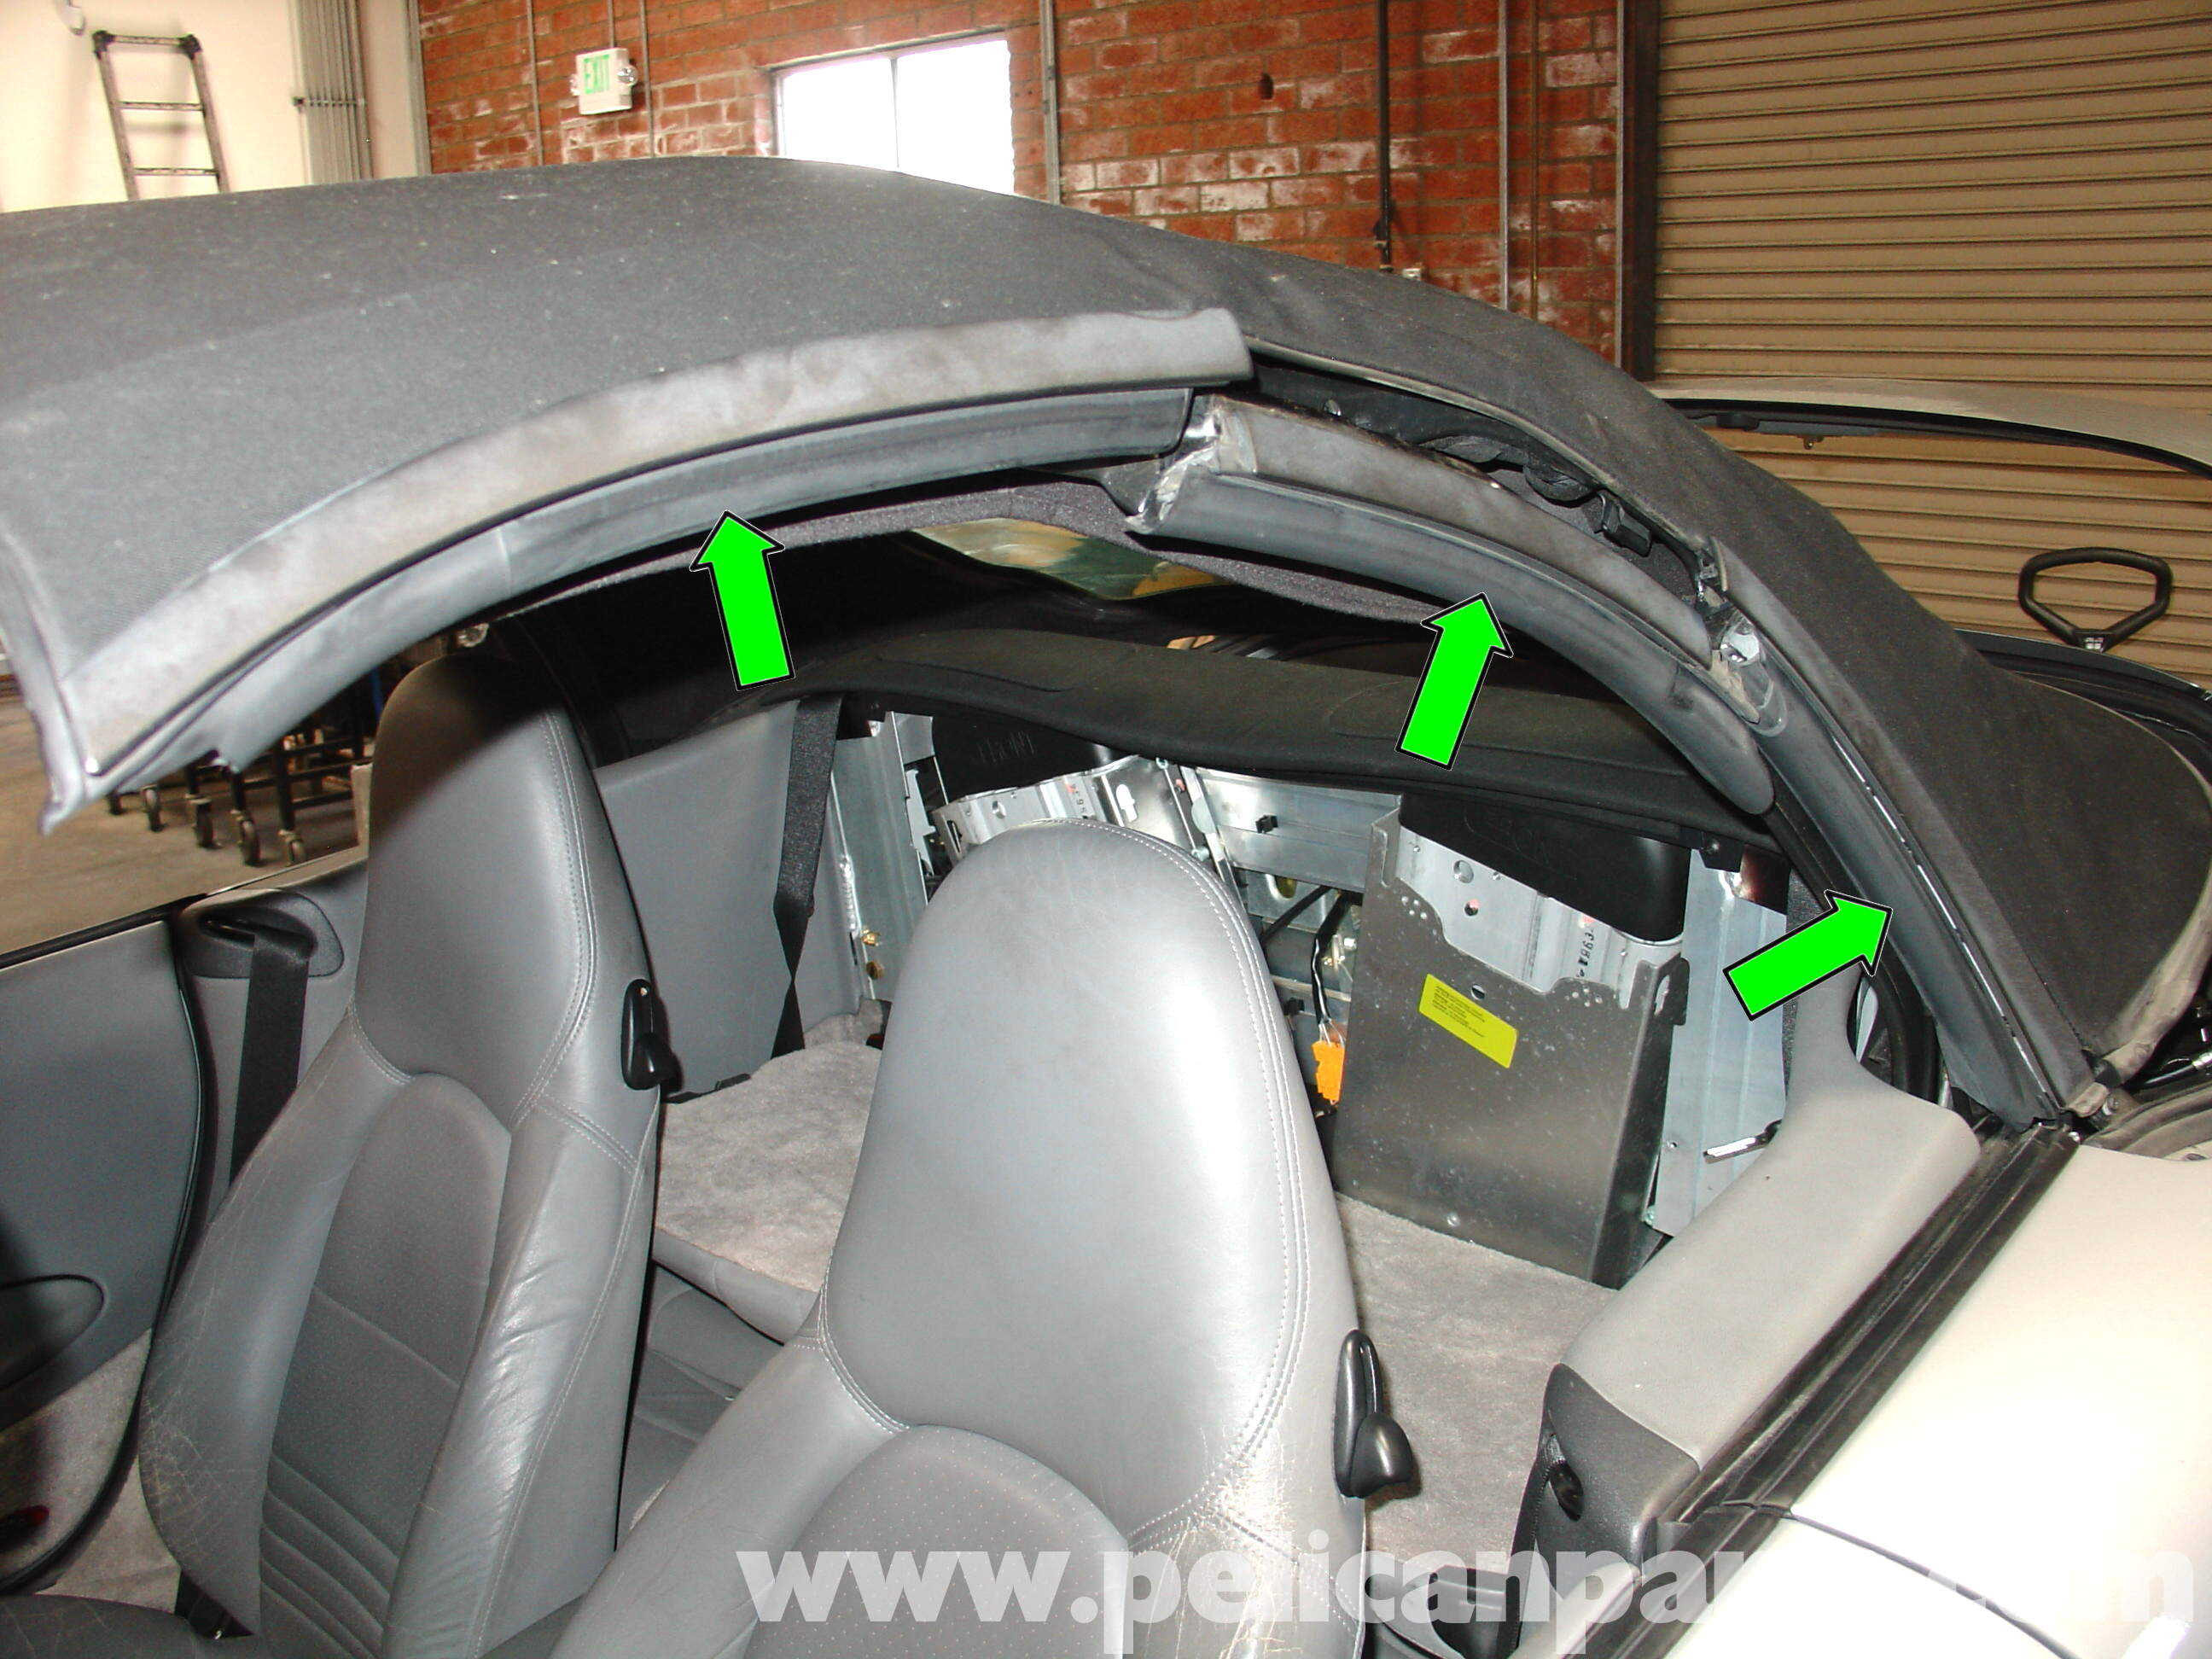 Porsche 911 Carrera Common Convertible Top Problem Repair